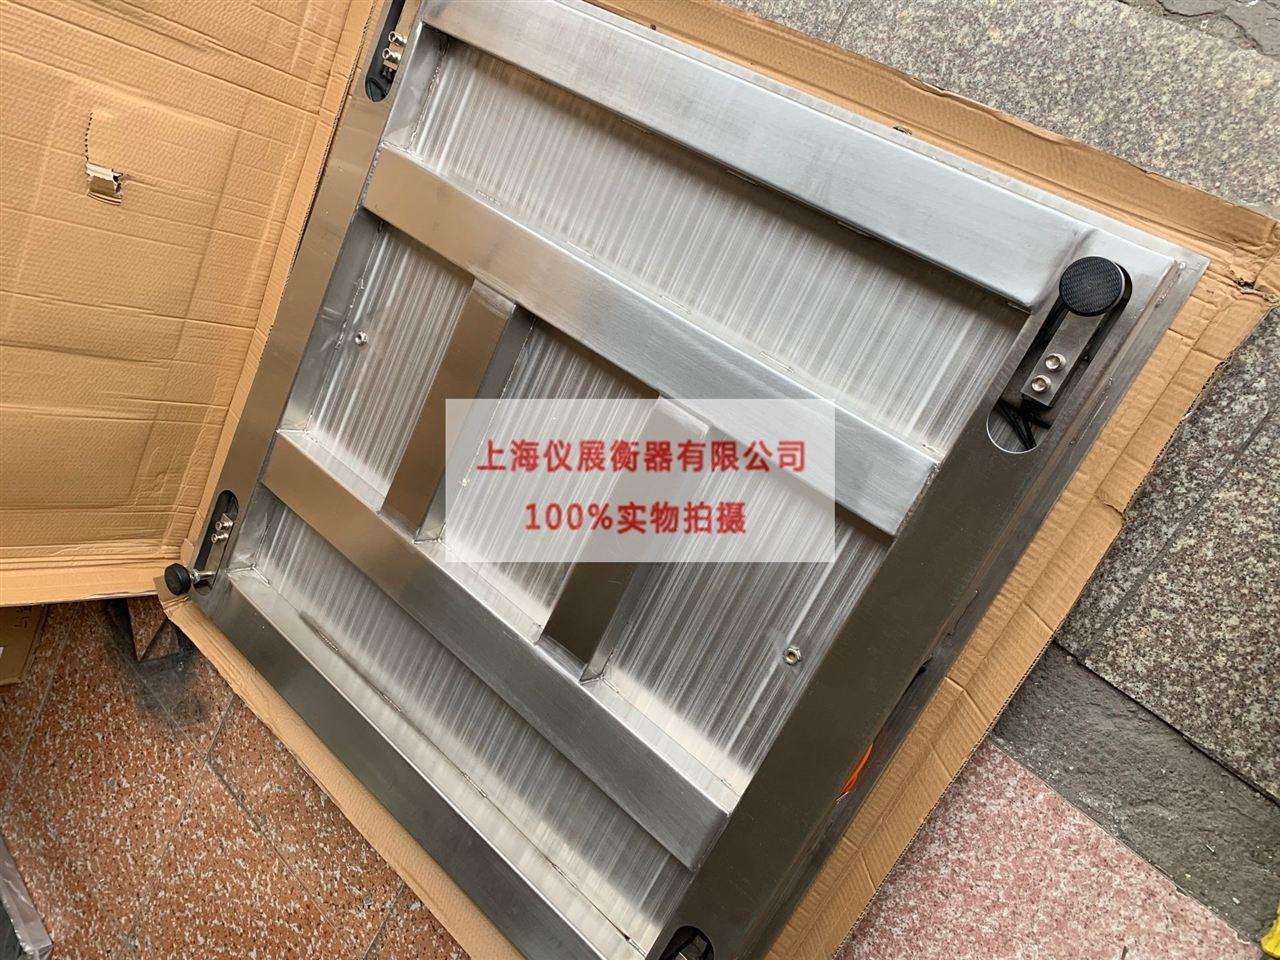 不锈钢电子地磅 2吨防水防腐地磅秤批发